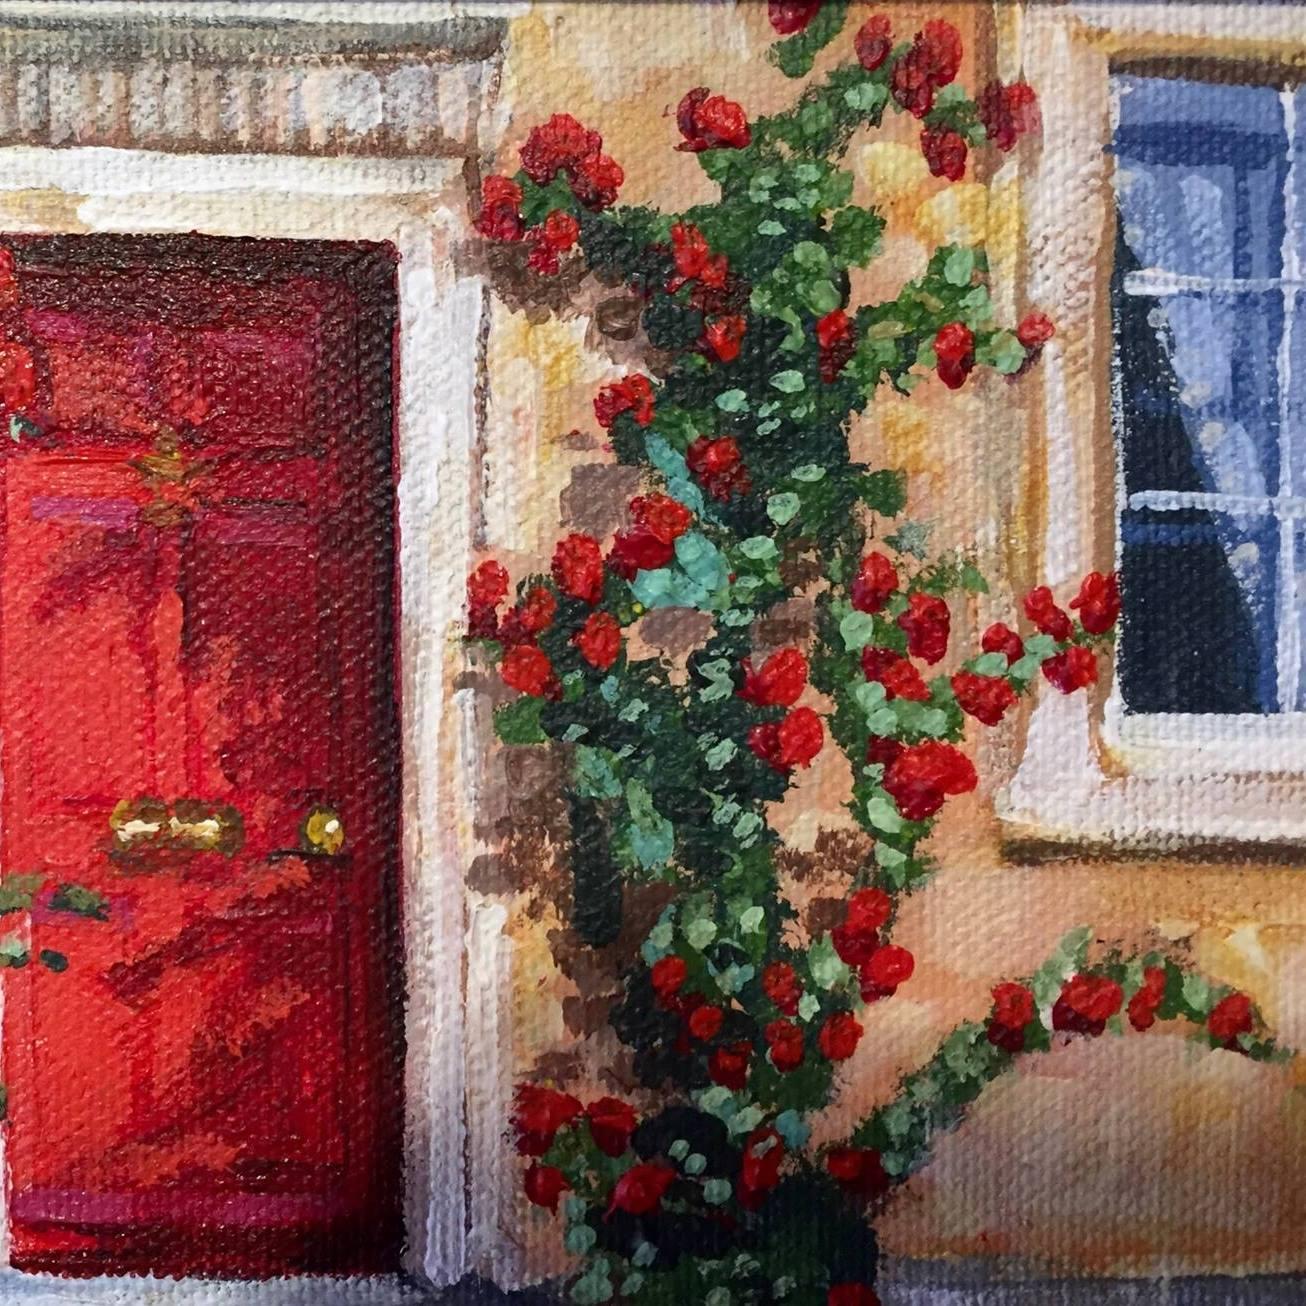 The Red Door Gift Shop, $25 Gift Certificate